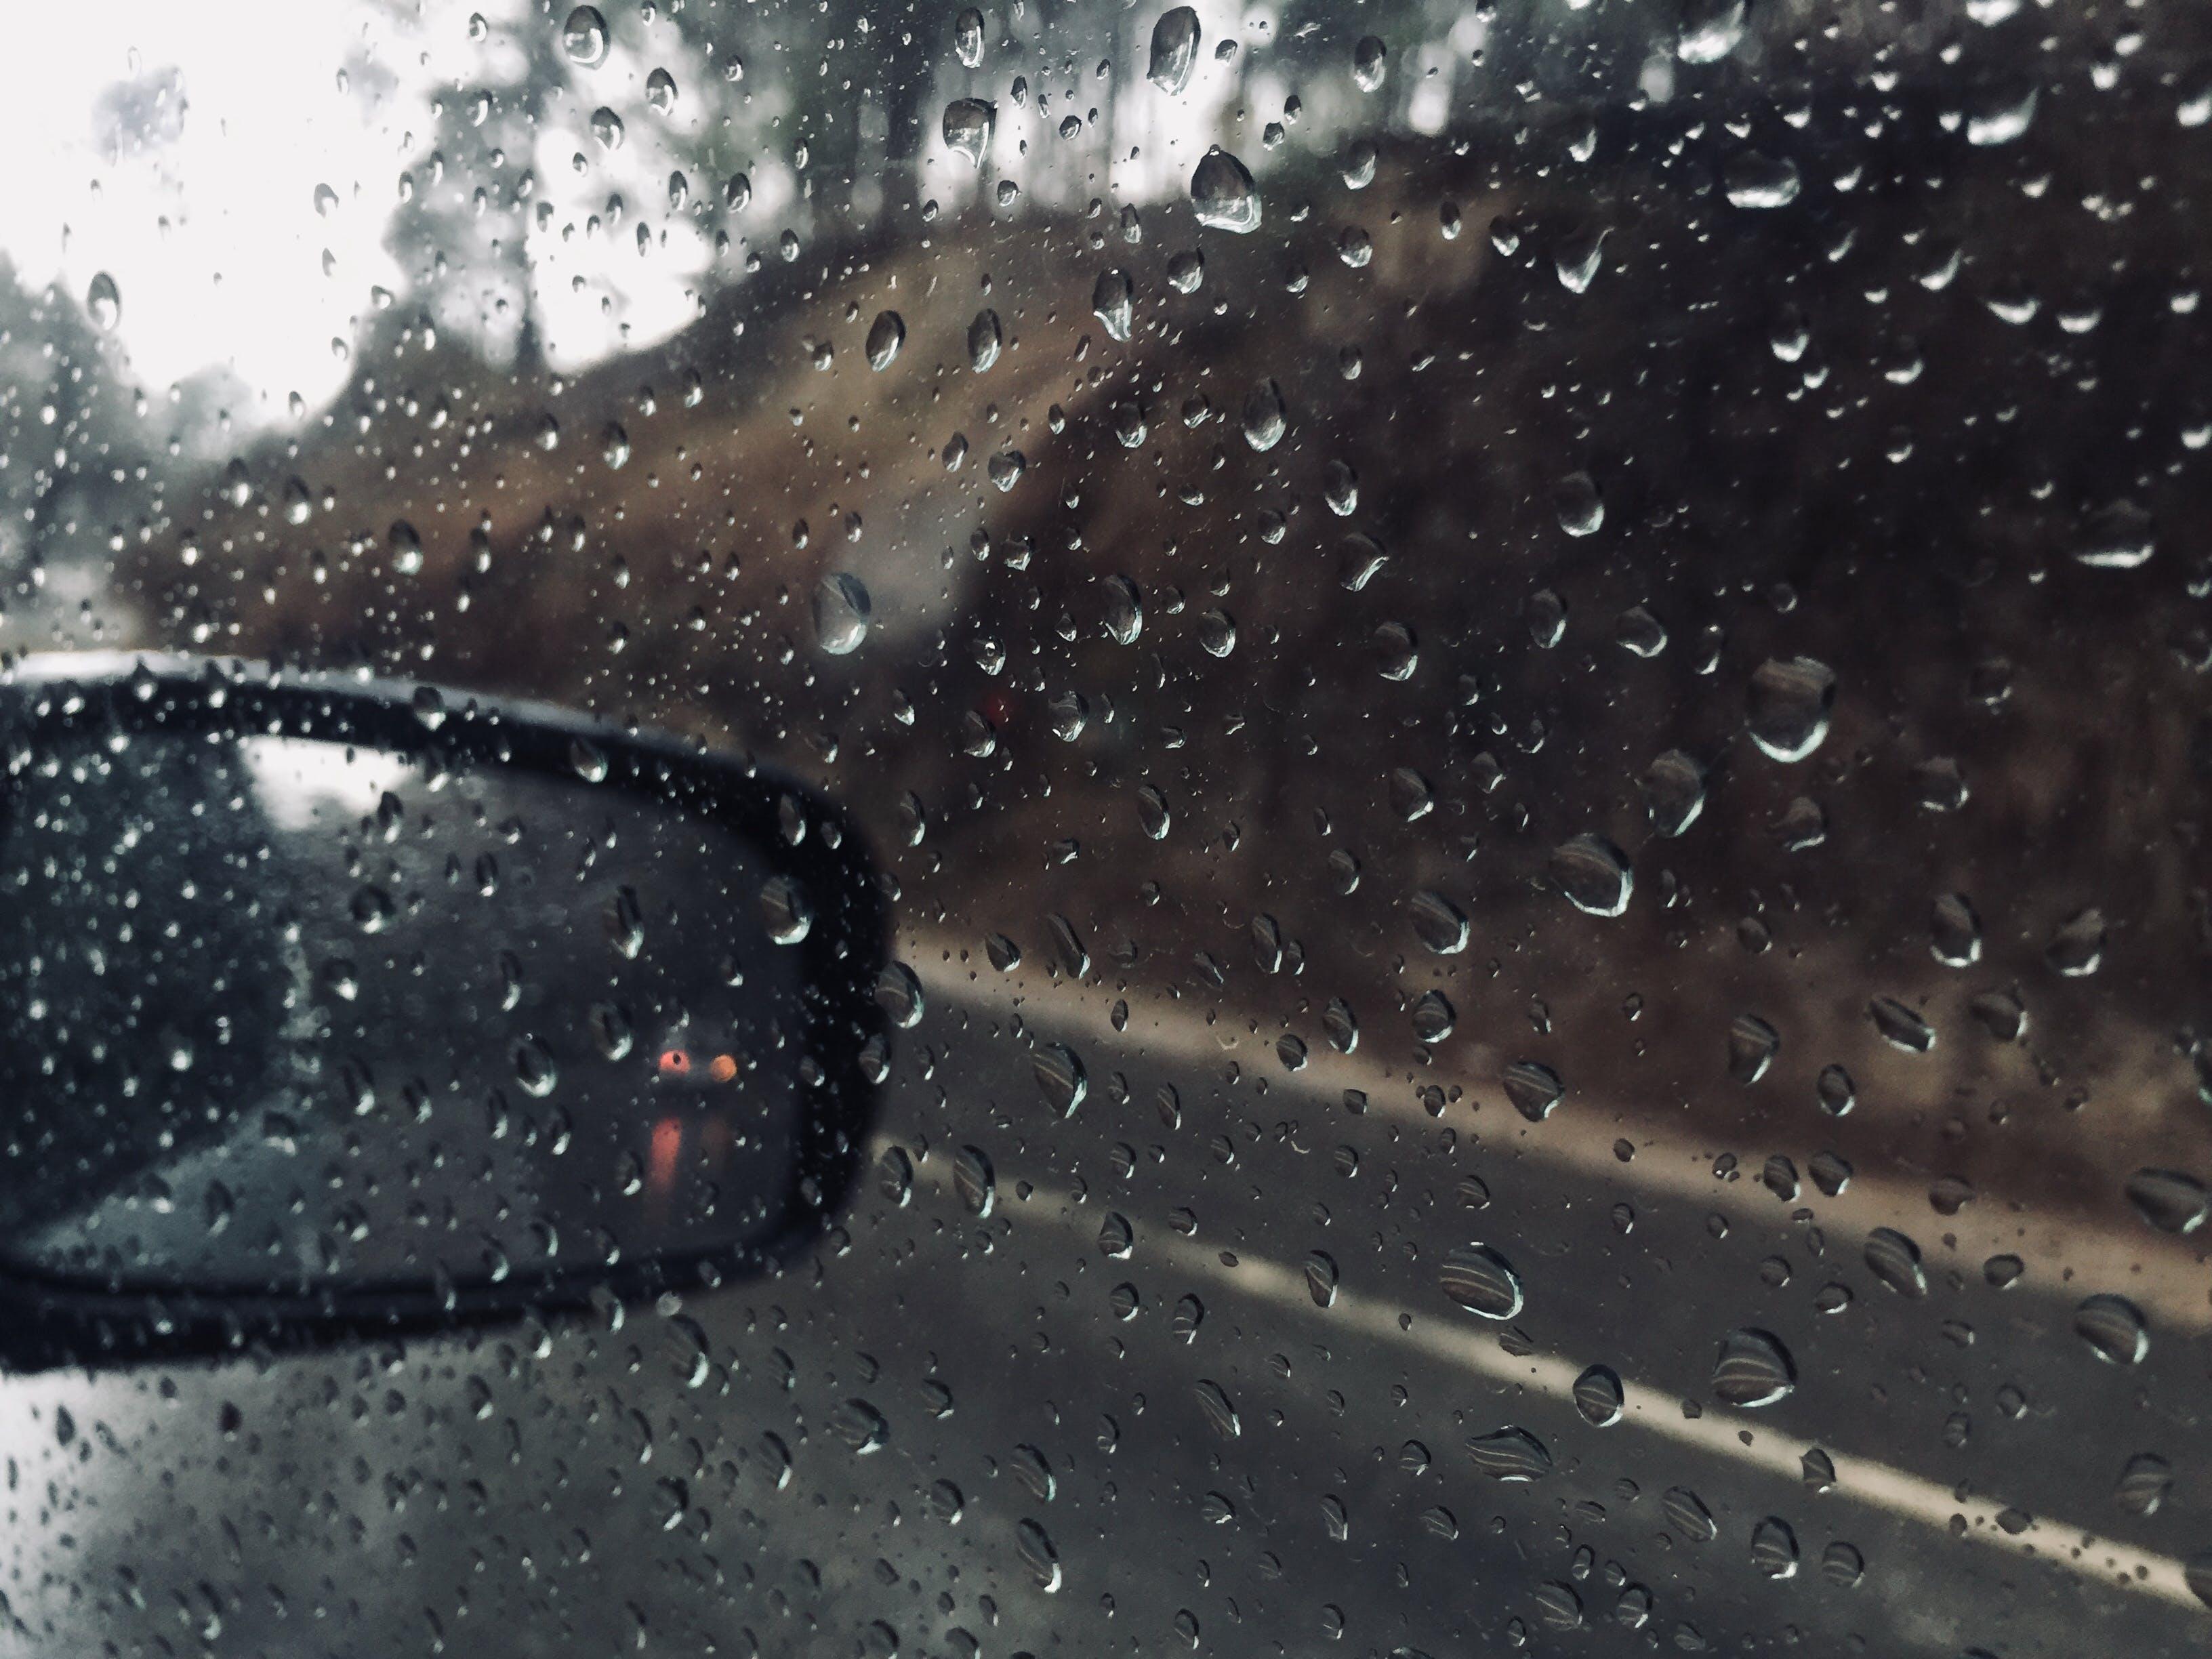 Free stock photo of Rainy day hill